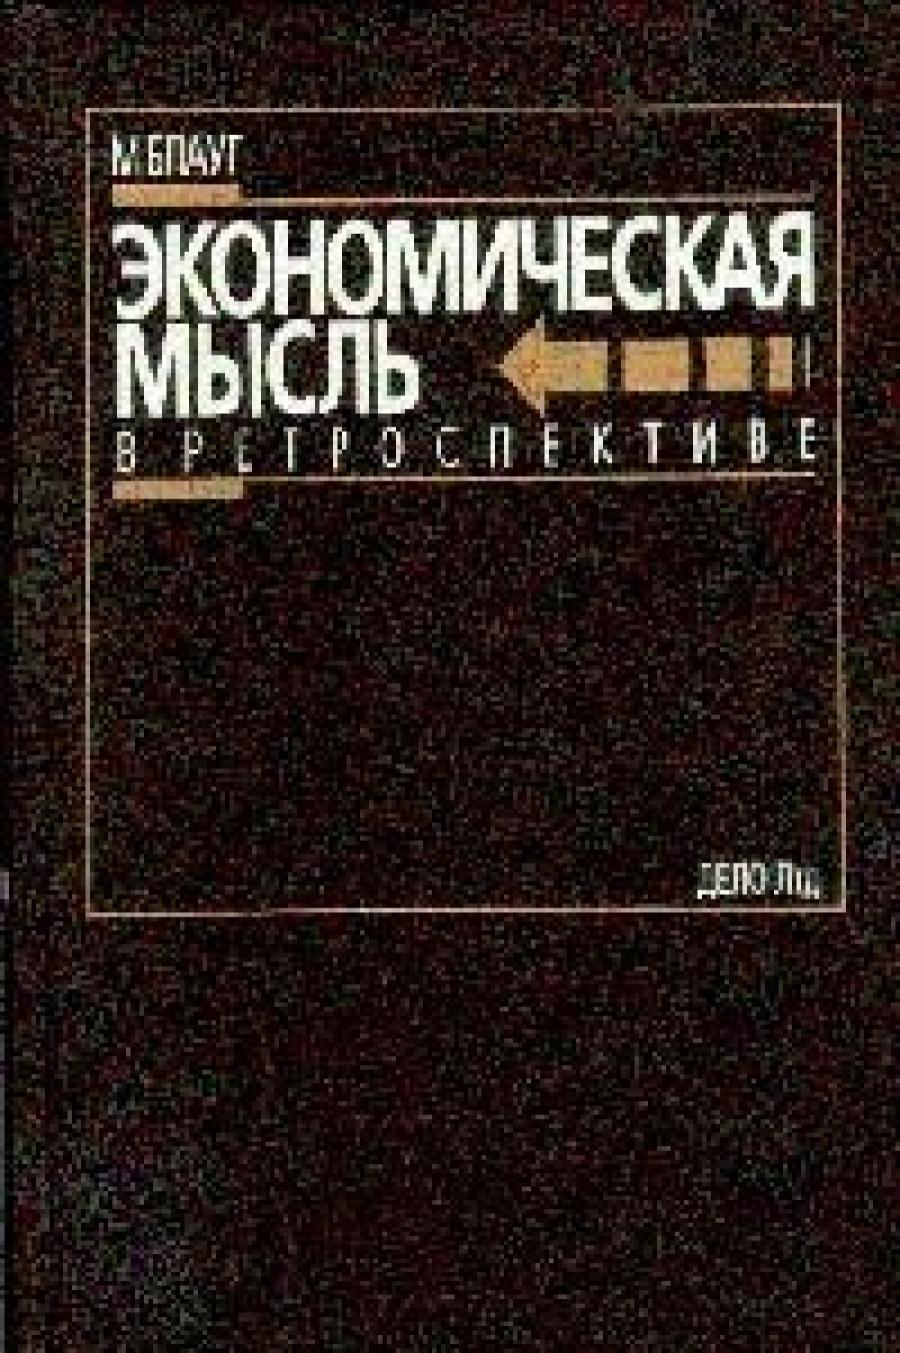 Обложка книги:  блауг м. - экономическая мысль в ретроспективе